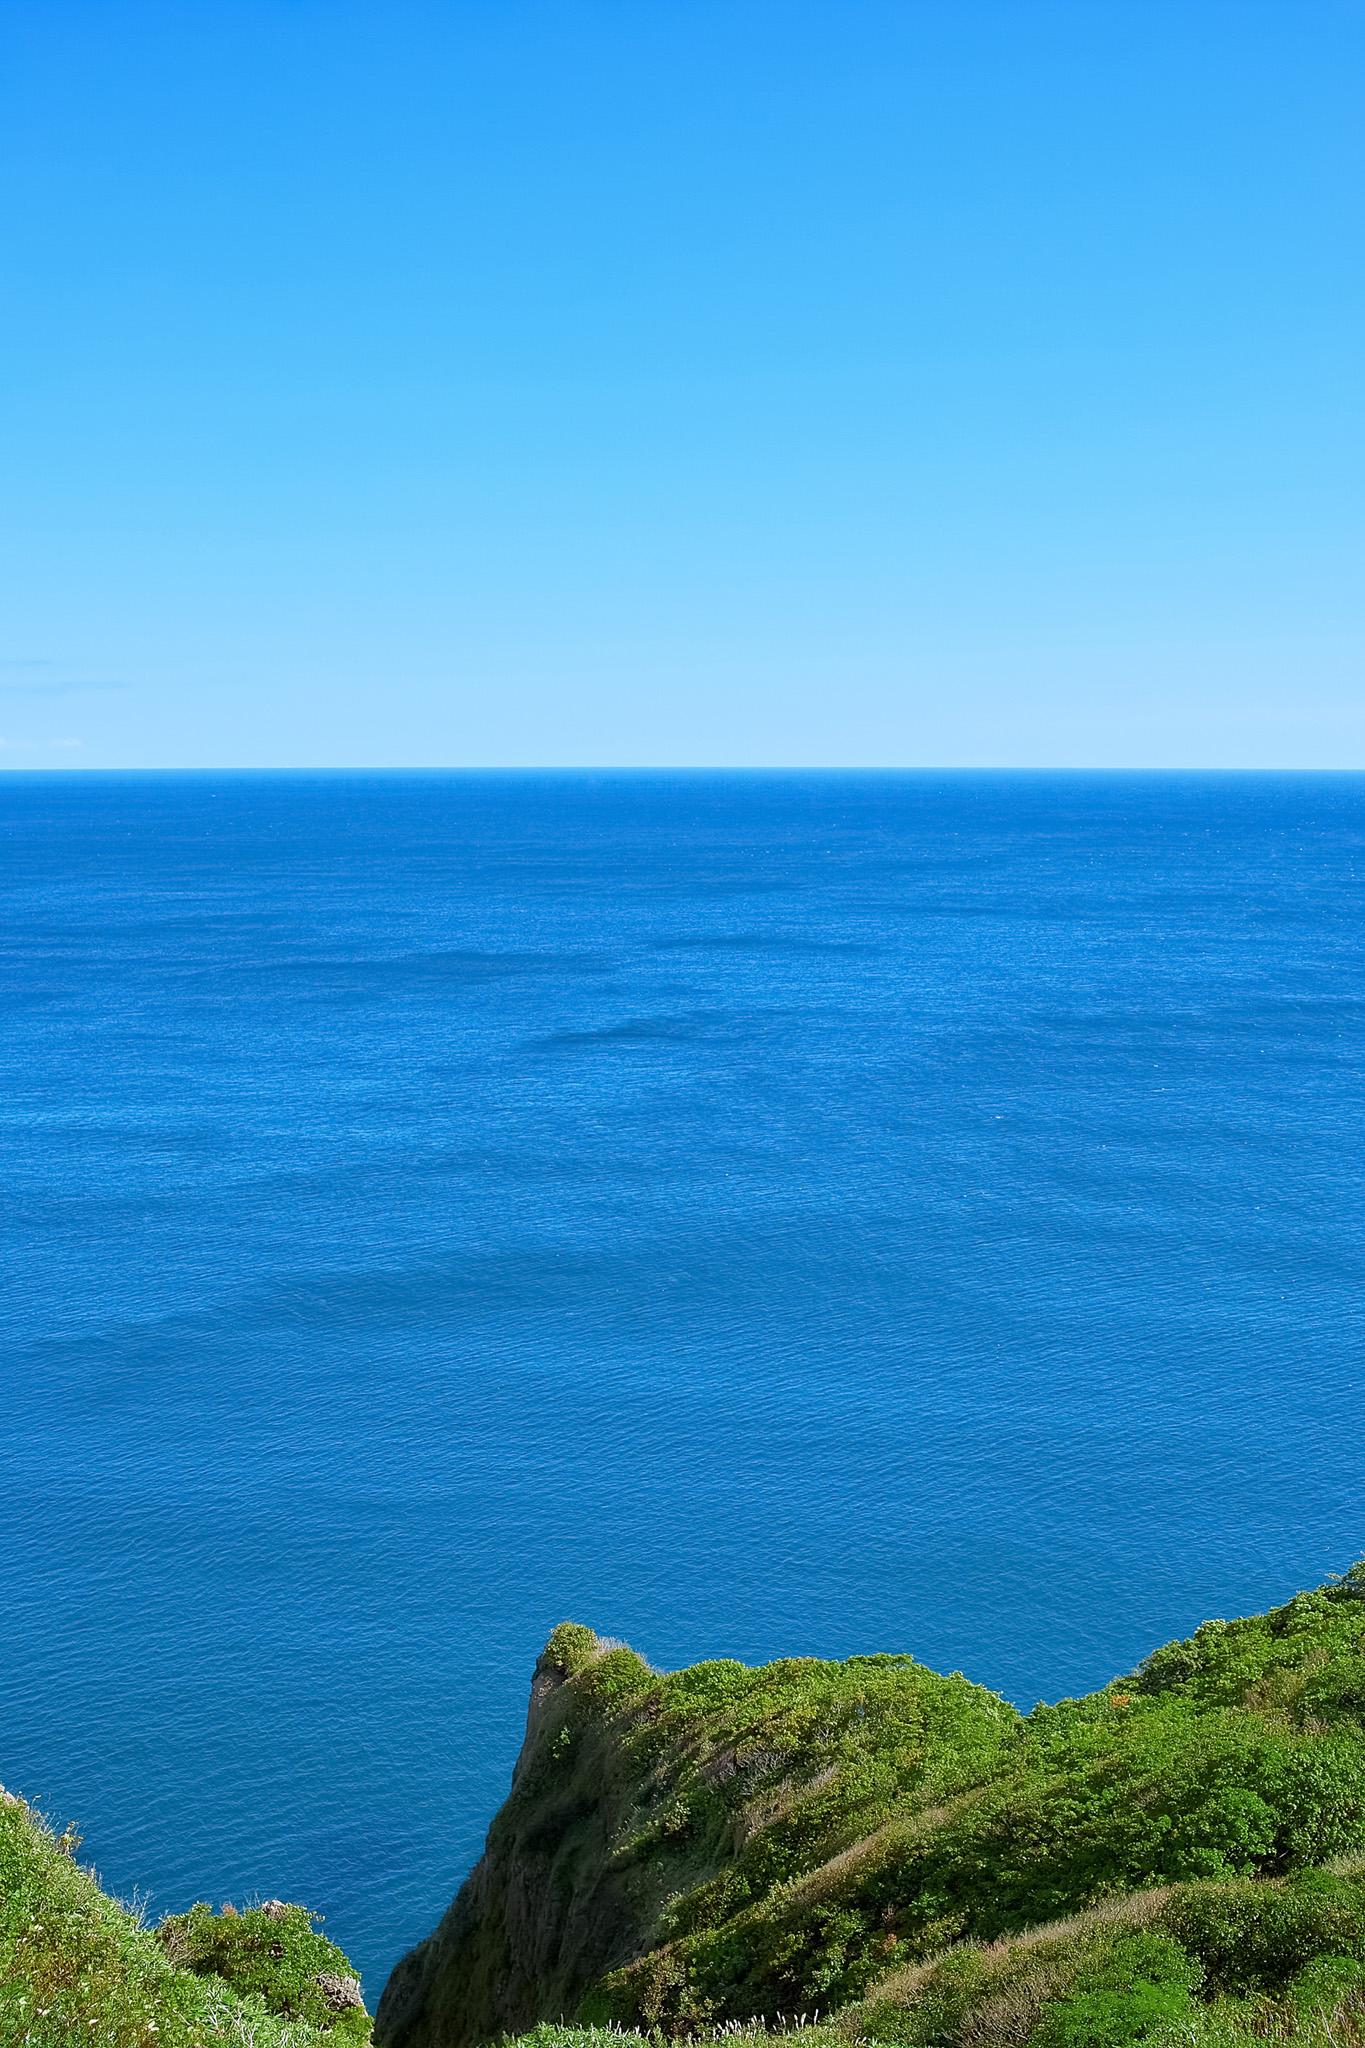 「水平線と岬」の素材を無料ダウンロード